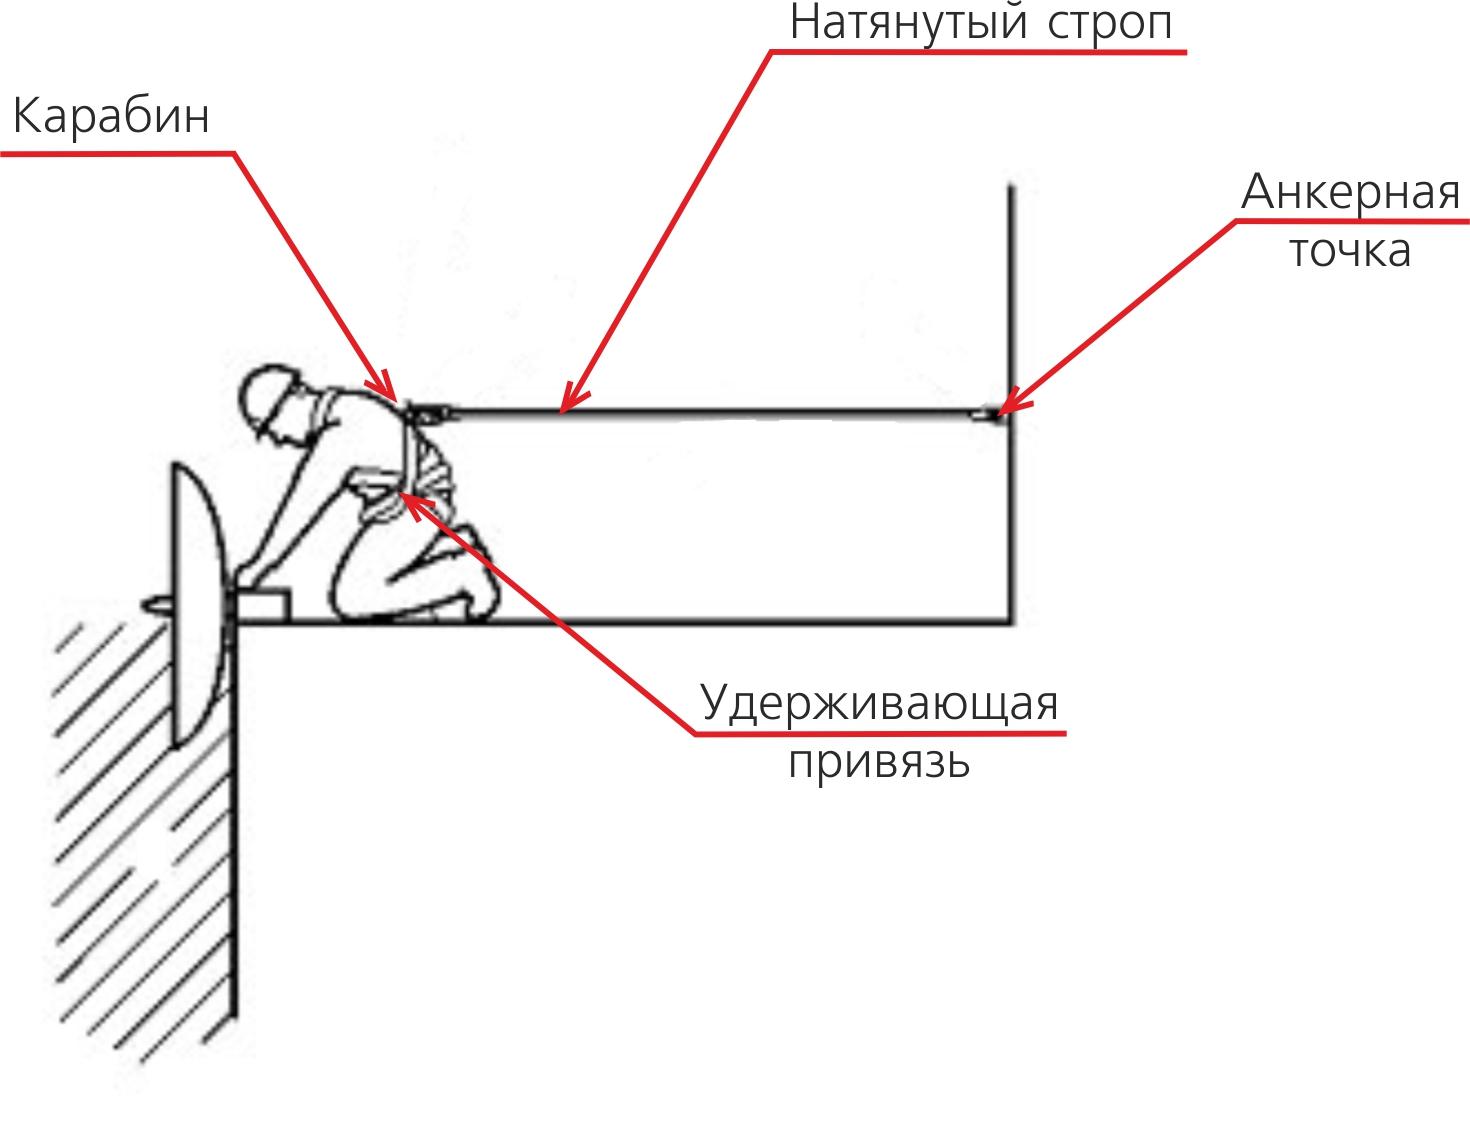 Инструкция пользования предохранительным поясом - delo-tonkoe.ru